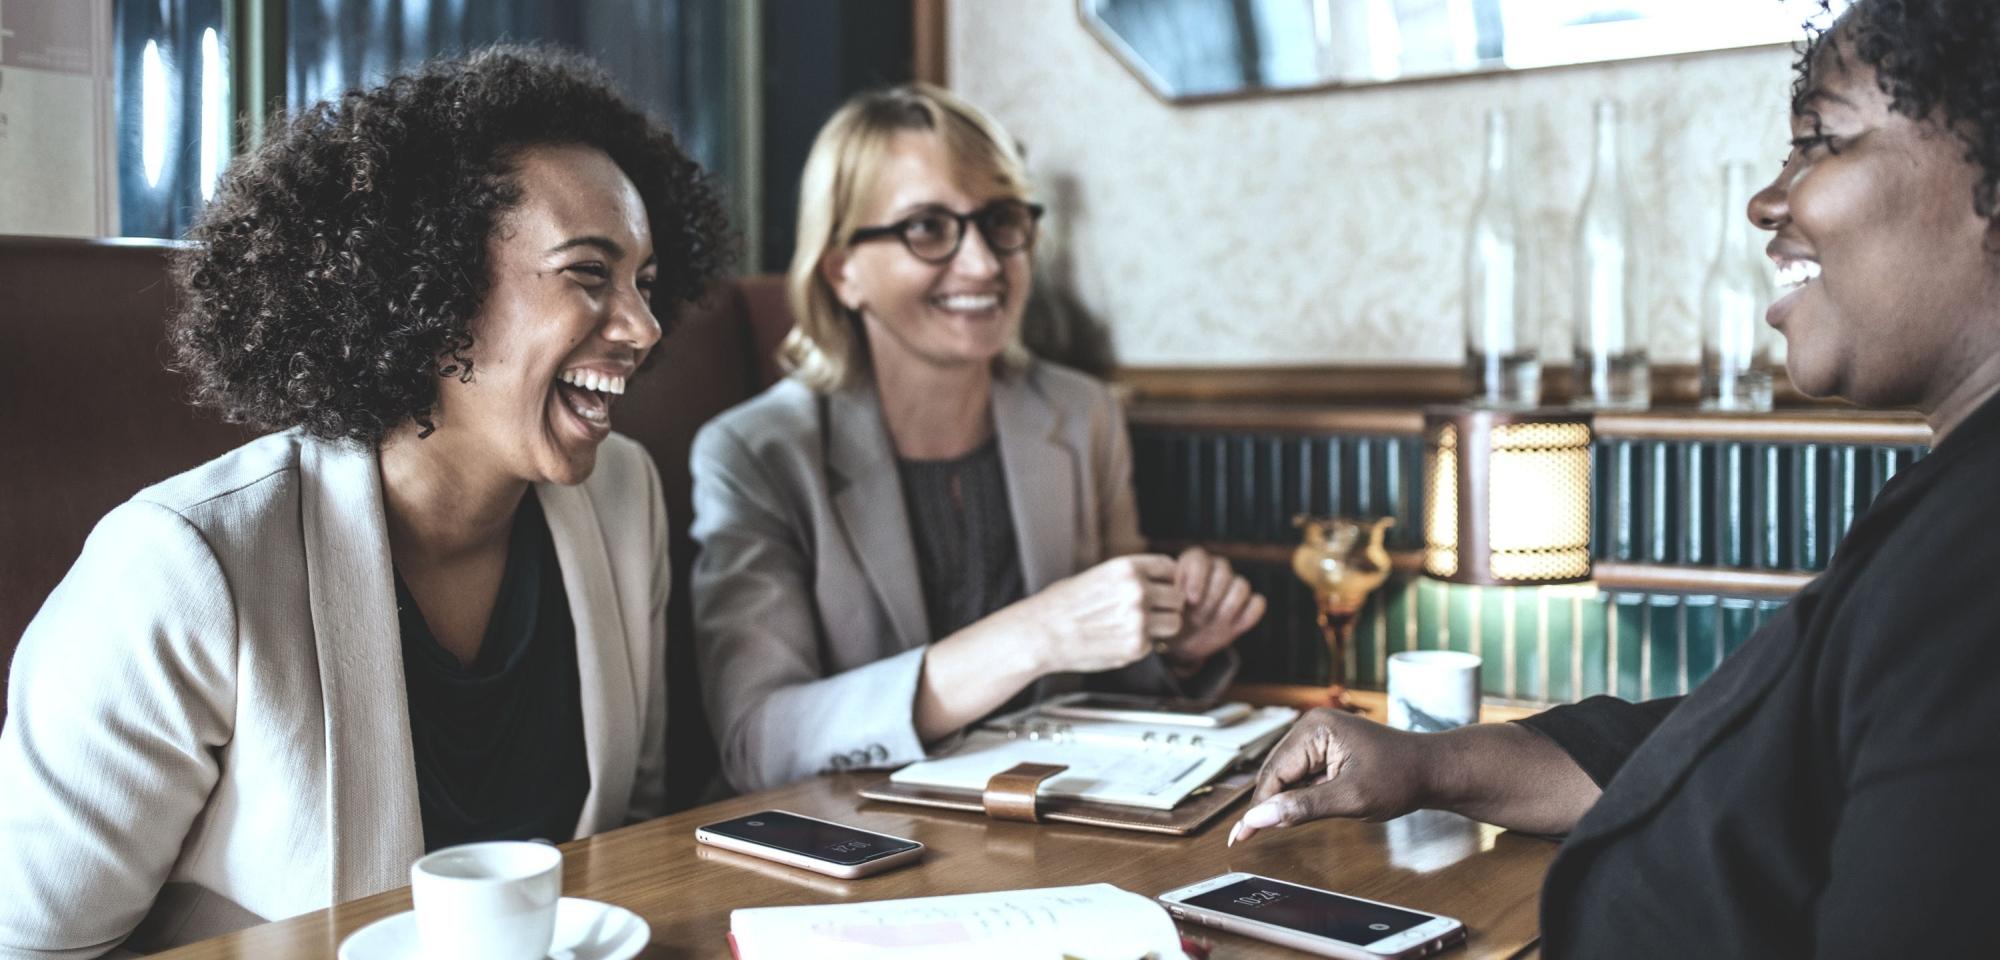 Parceria Core - Mulheres felizes na mesa discutindo negócios